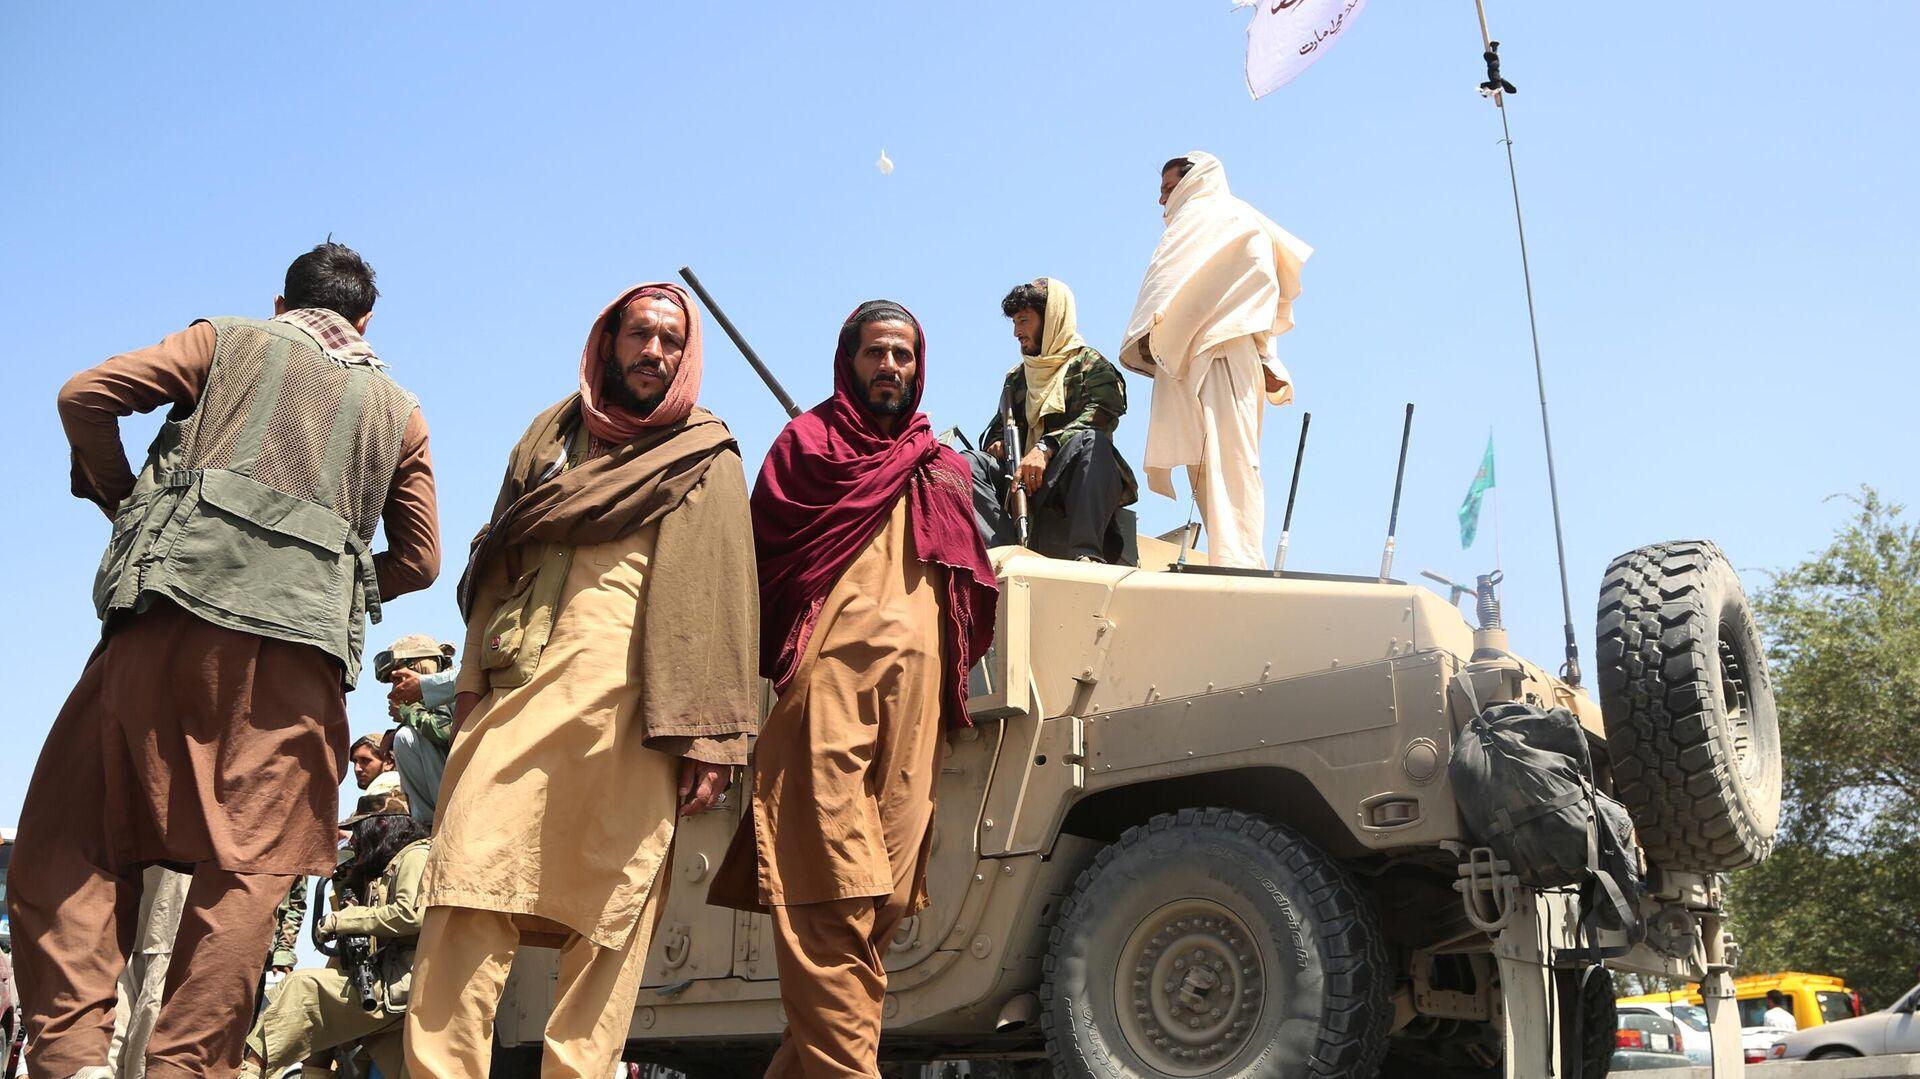 Боевики движения Талибан (террористическая организация, запрещена в России) в Кабуле - Sputnik Ўзбекистон, 1920, 19.08.2021